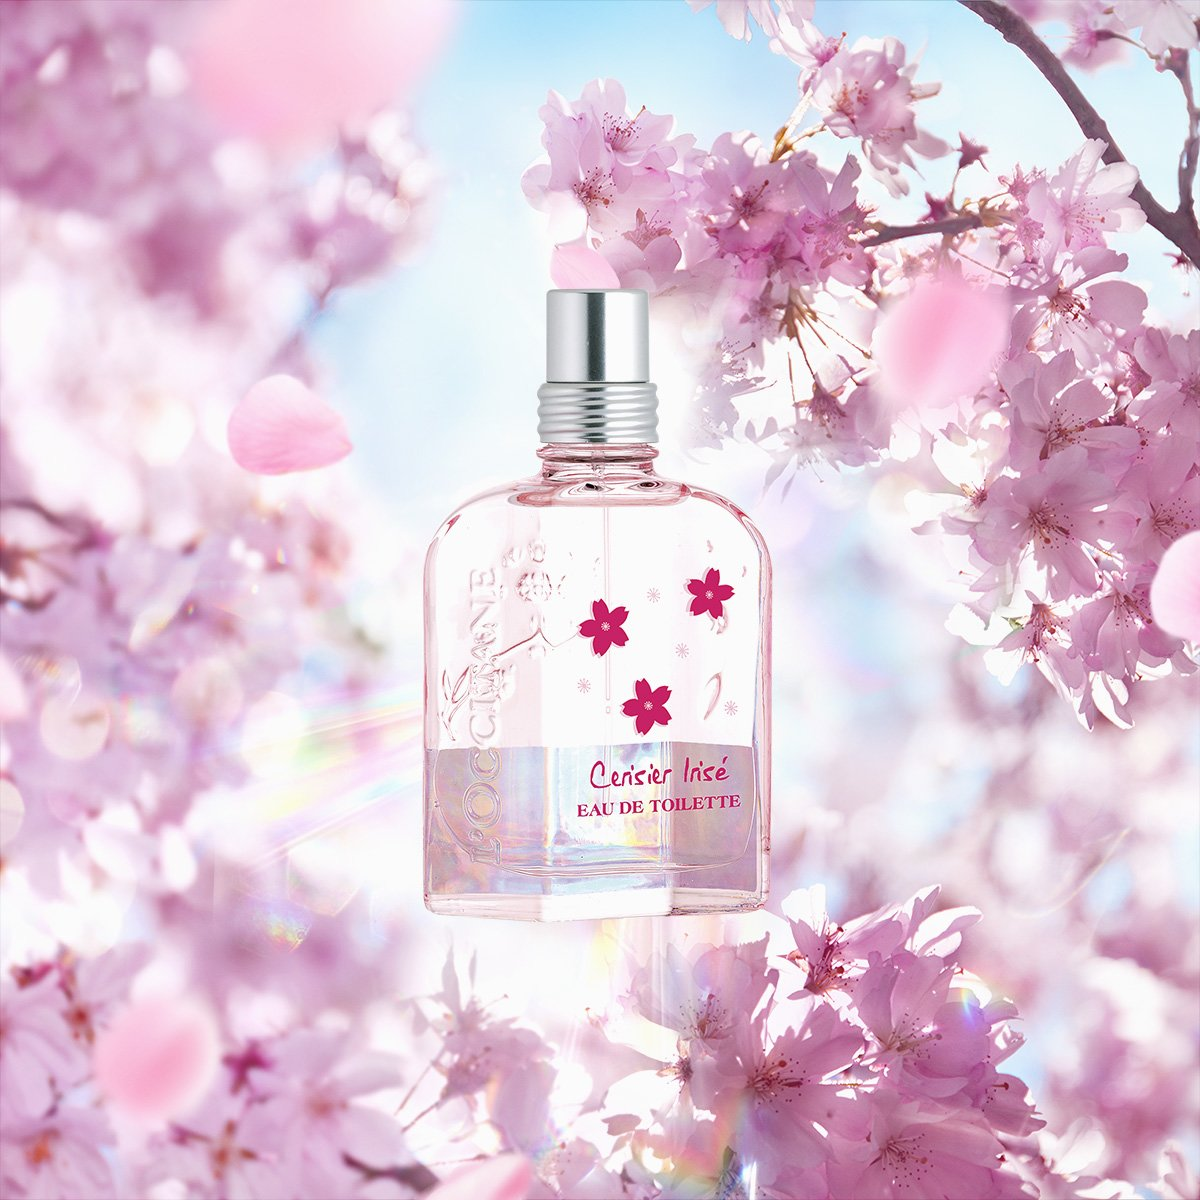 Miris trešnjinog cvijeta u limitiranom izdanju